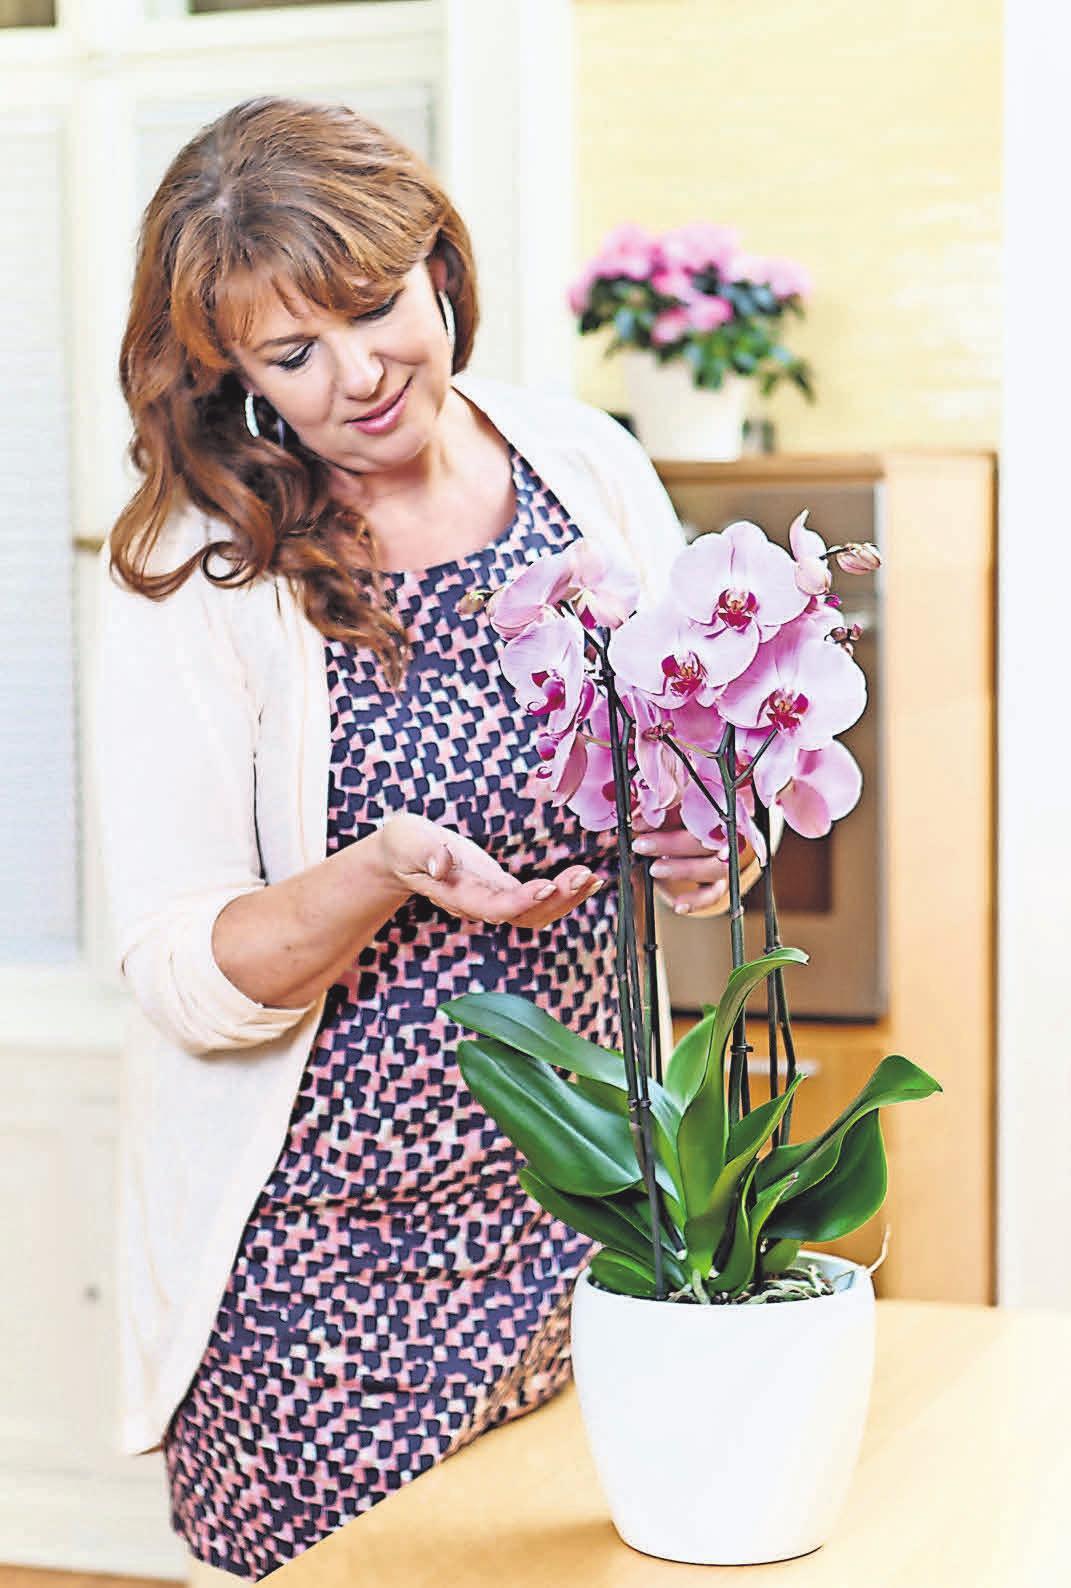 Bei blühenden Zimmerpflanzen zahlt es sich aus, auf hochwertige Ware aus dem Fachhandel zu setzen. FOTO: GMH